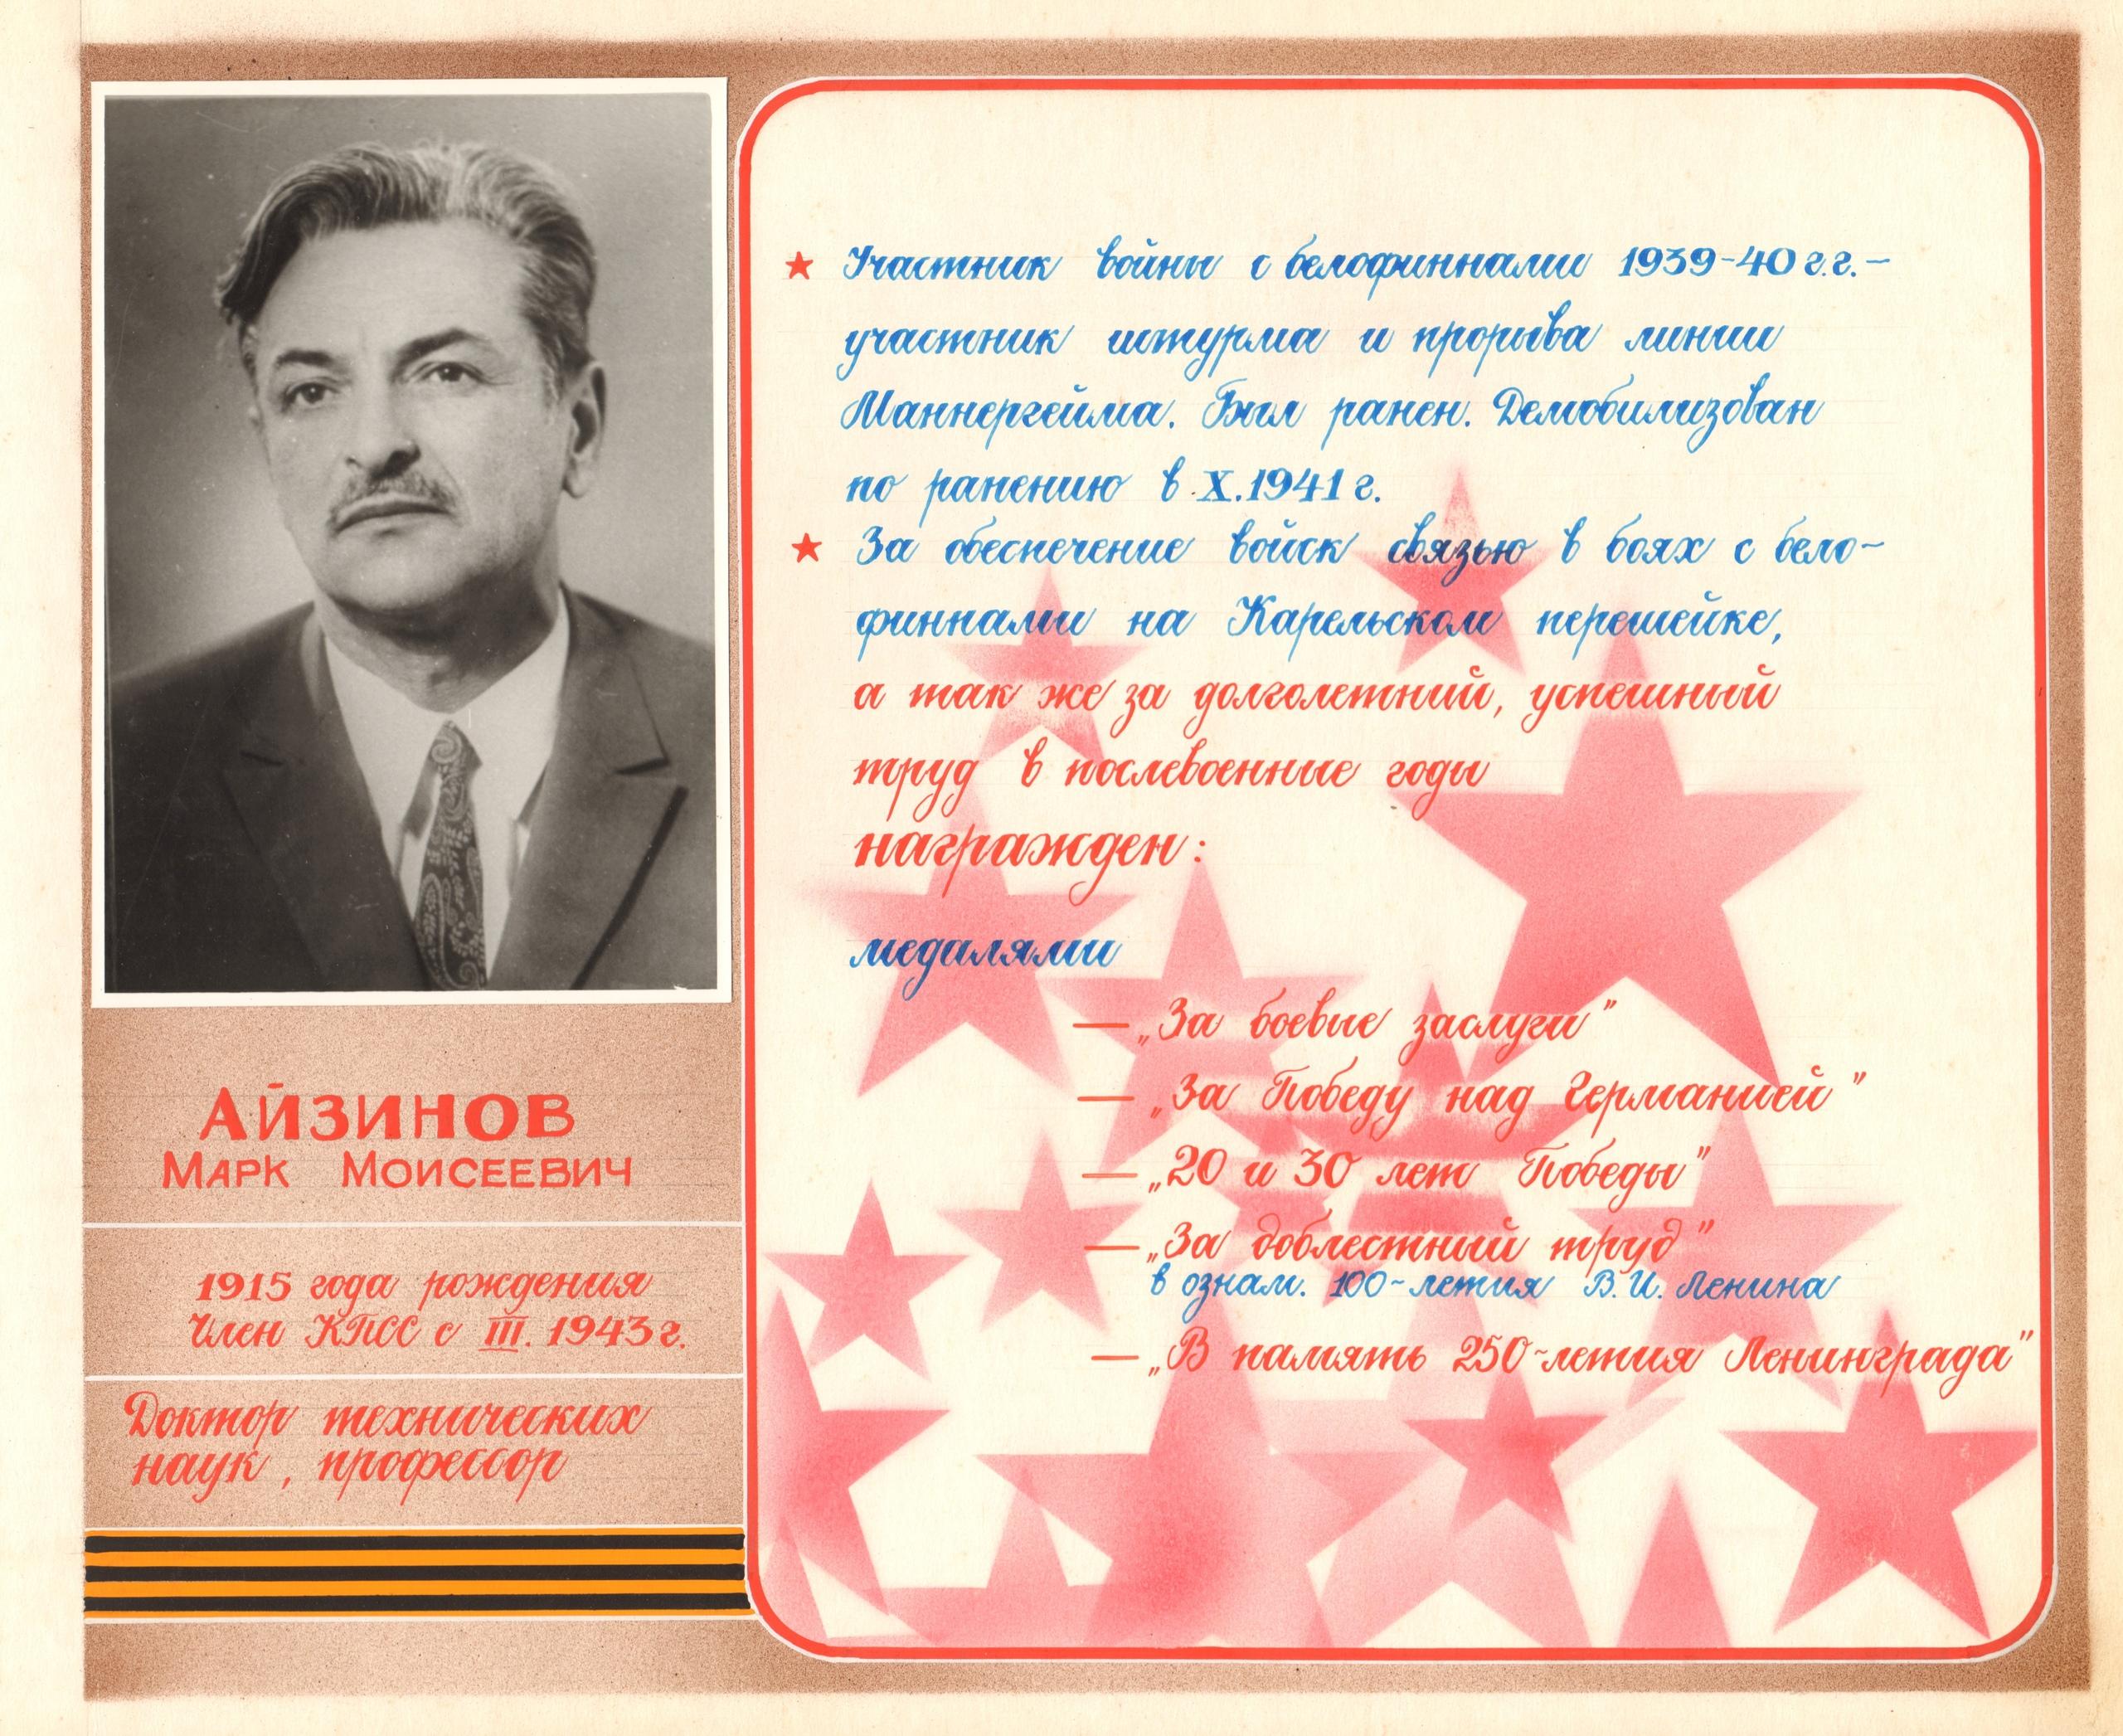 Айзинов Марк Моисеевич